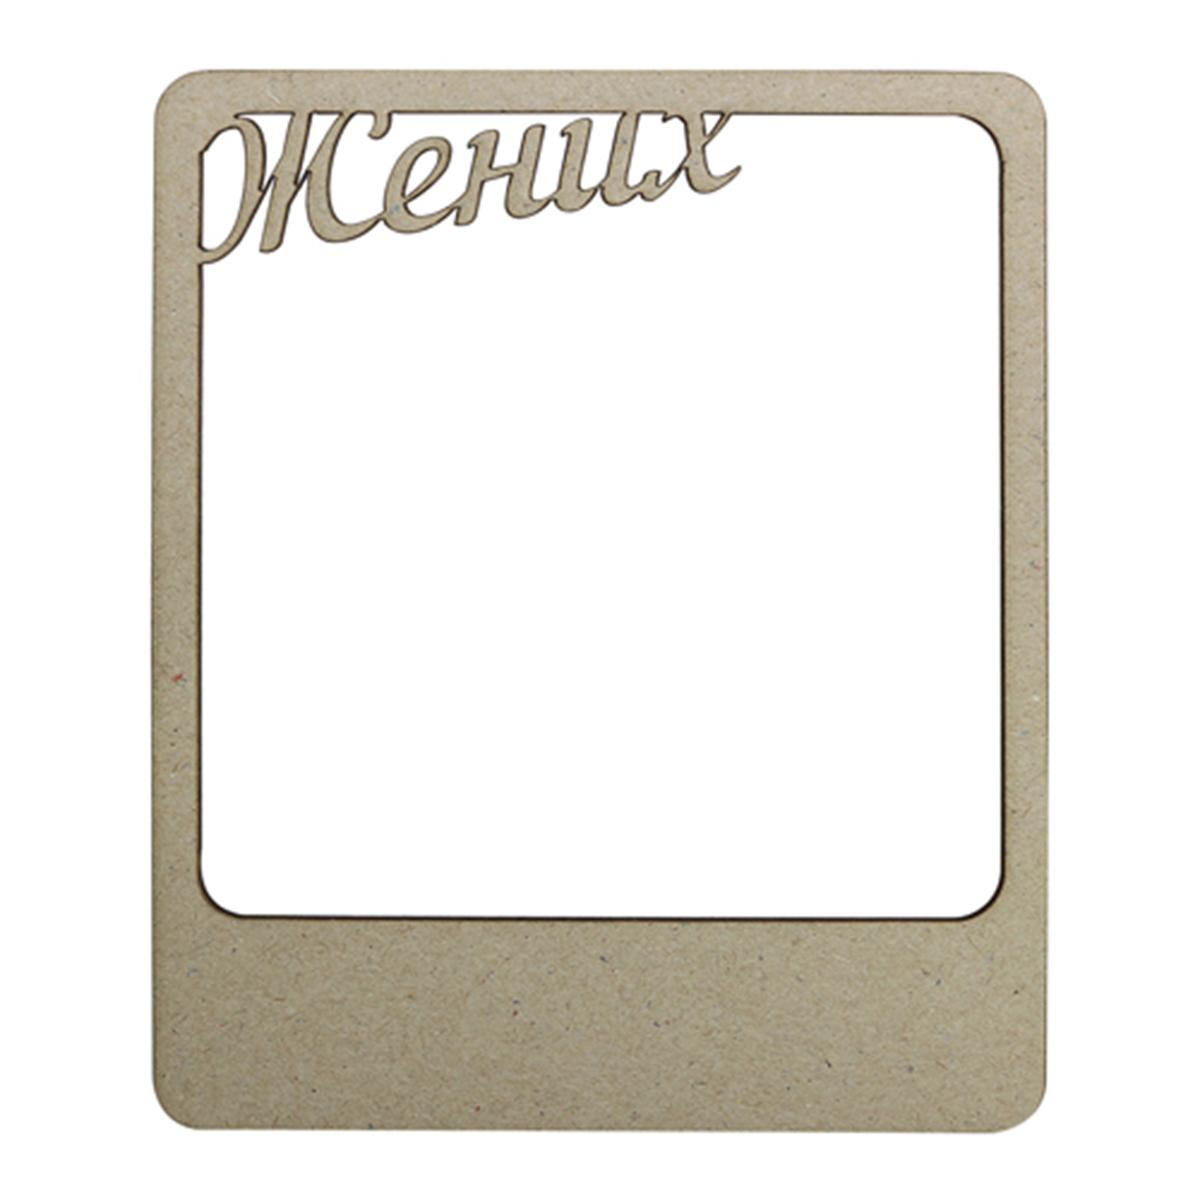 ВК-76 декоративный элемент 'Рамка 'Жених' 9*11см Астра